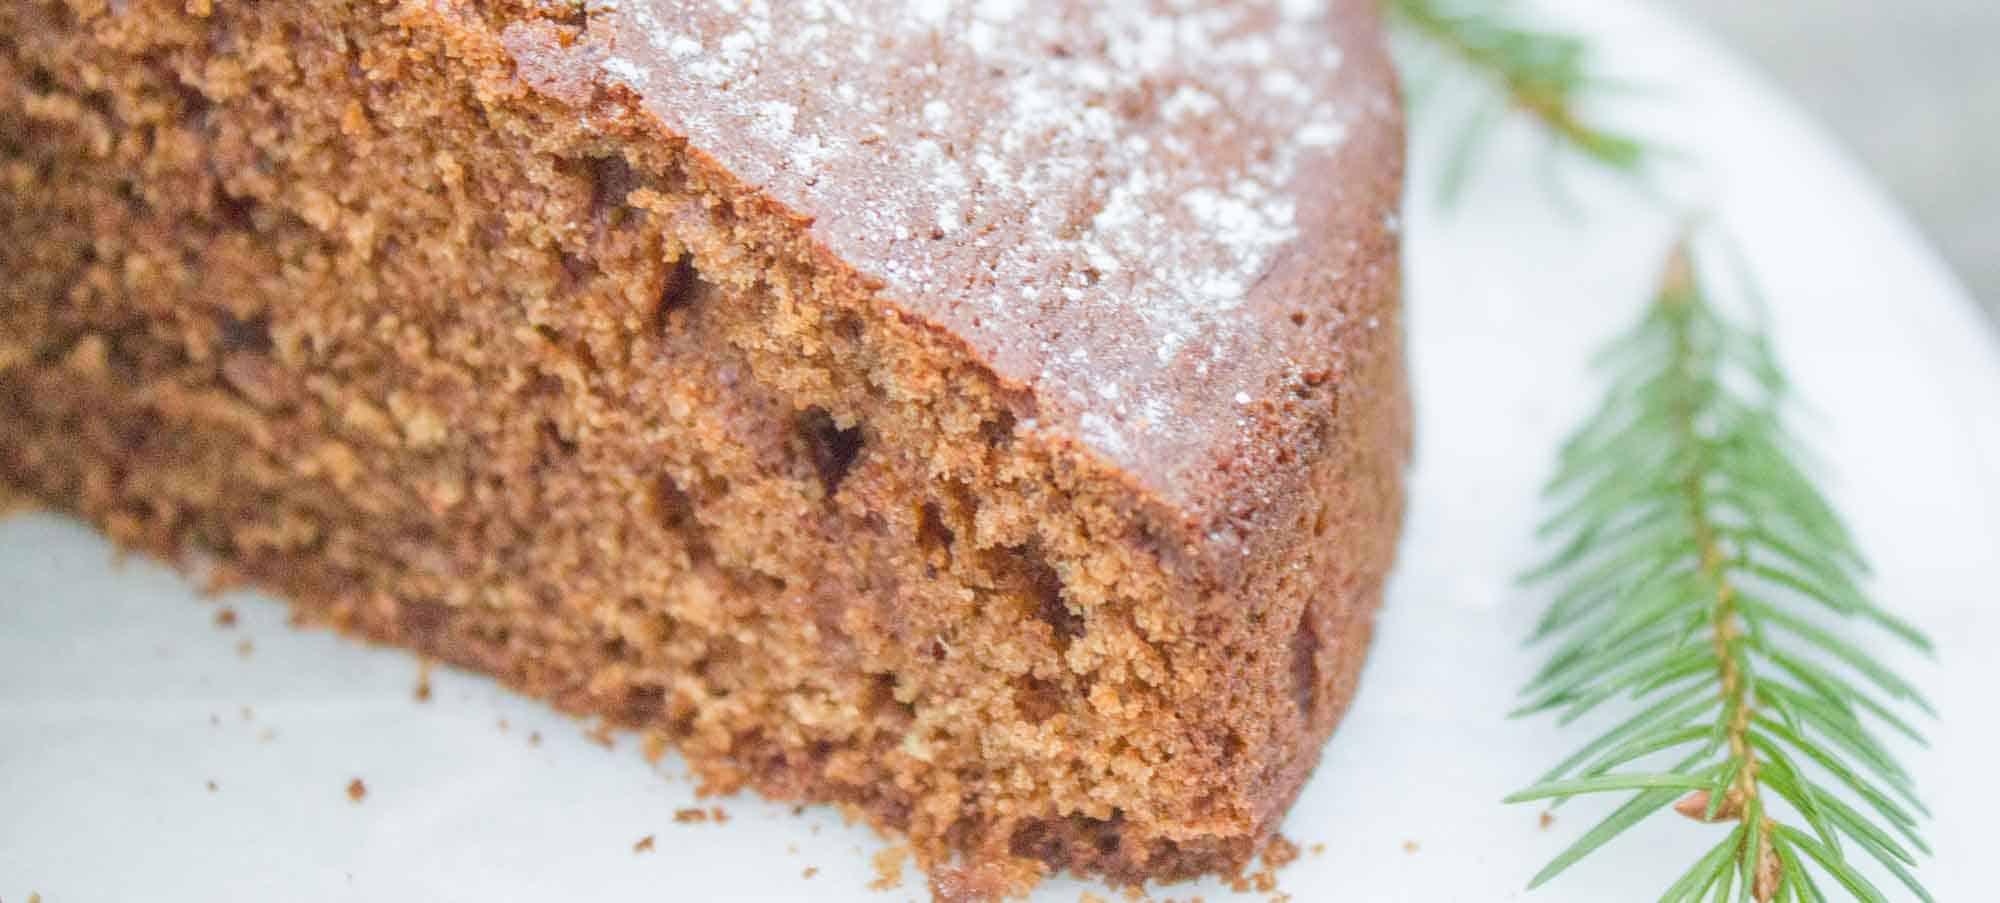 Supersnelle en overheerlijke Zweedse gembercake